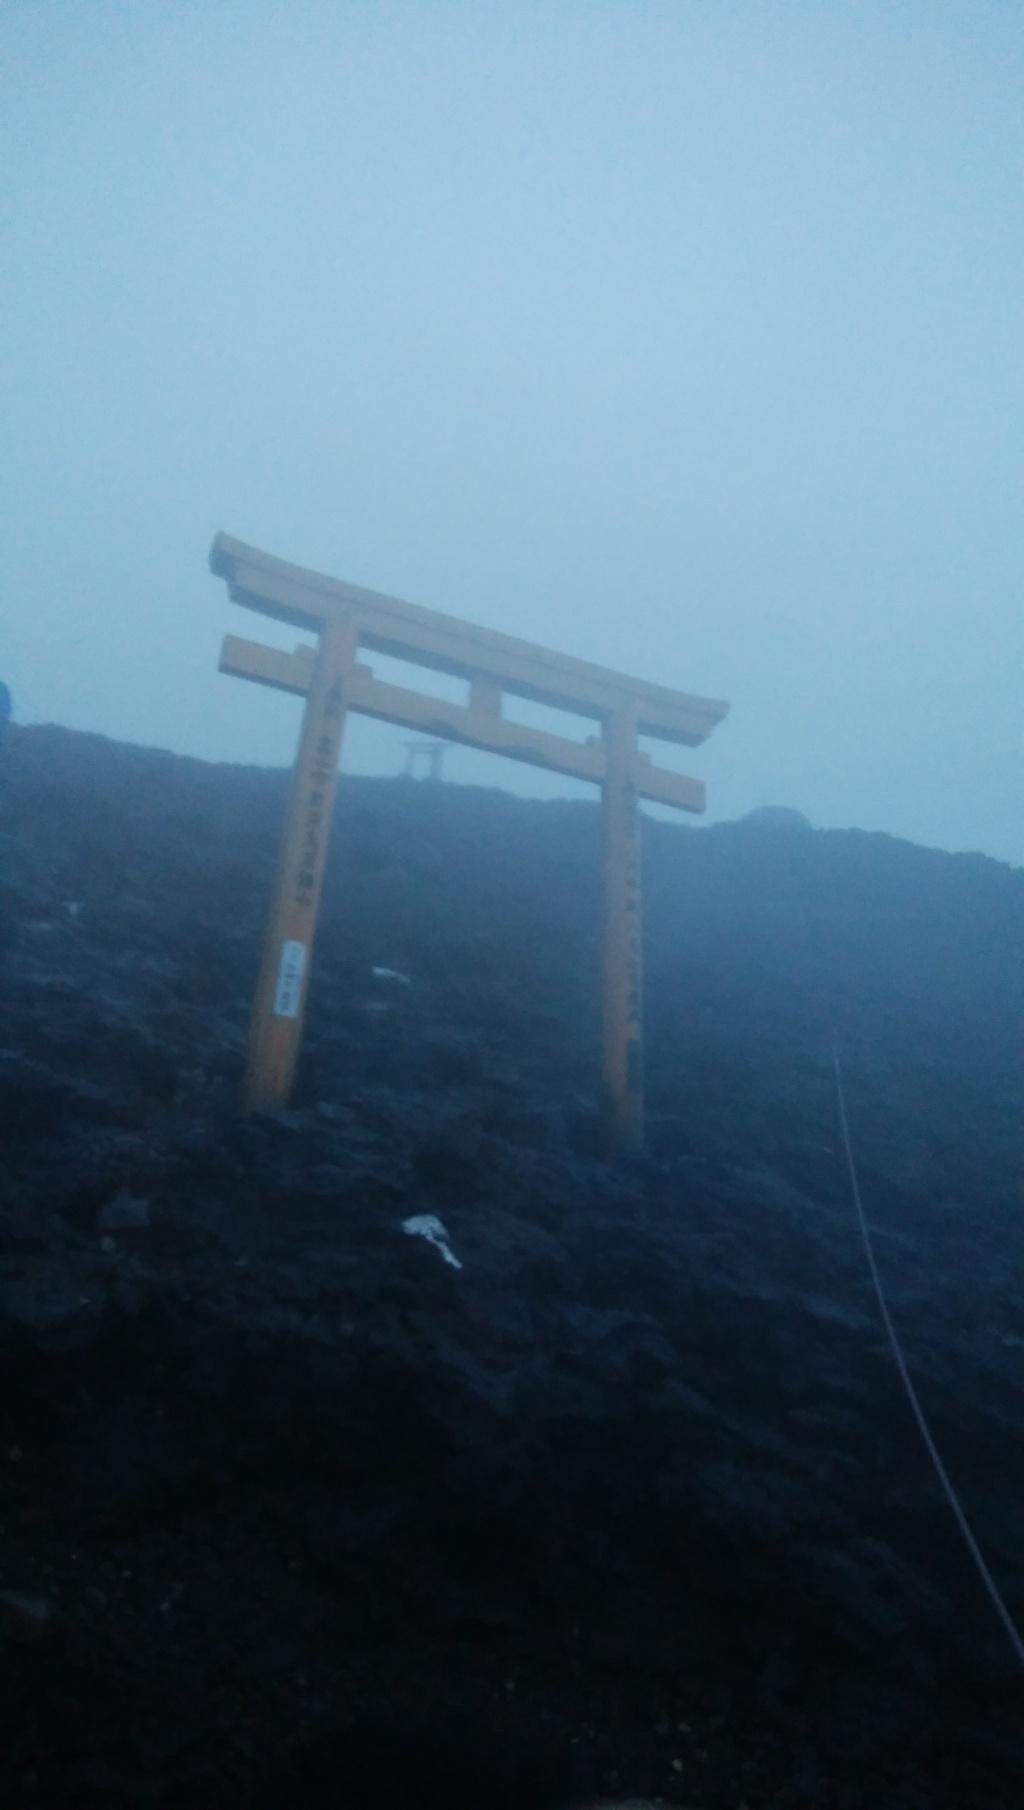 バスツアーで冨士登山しました